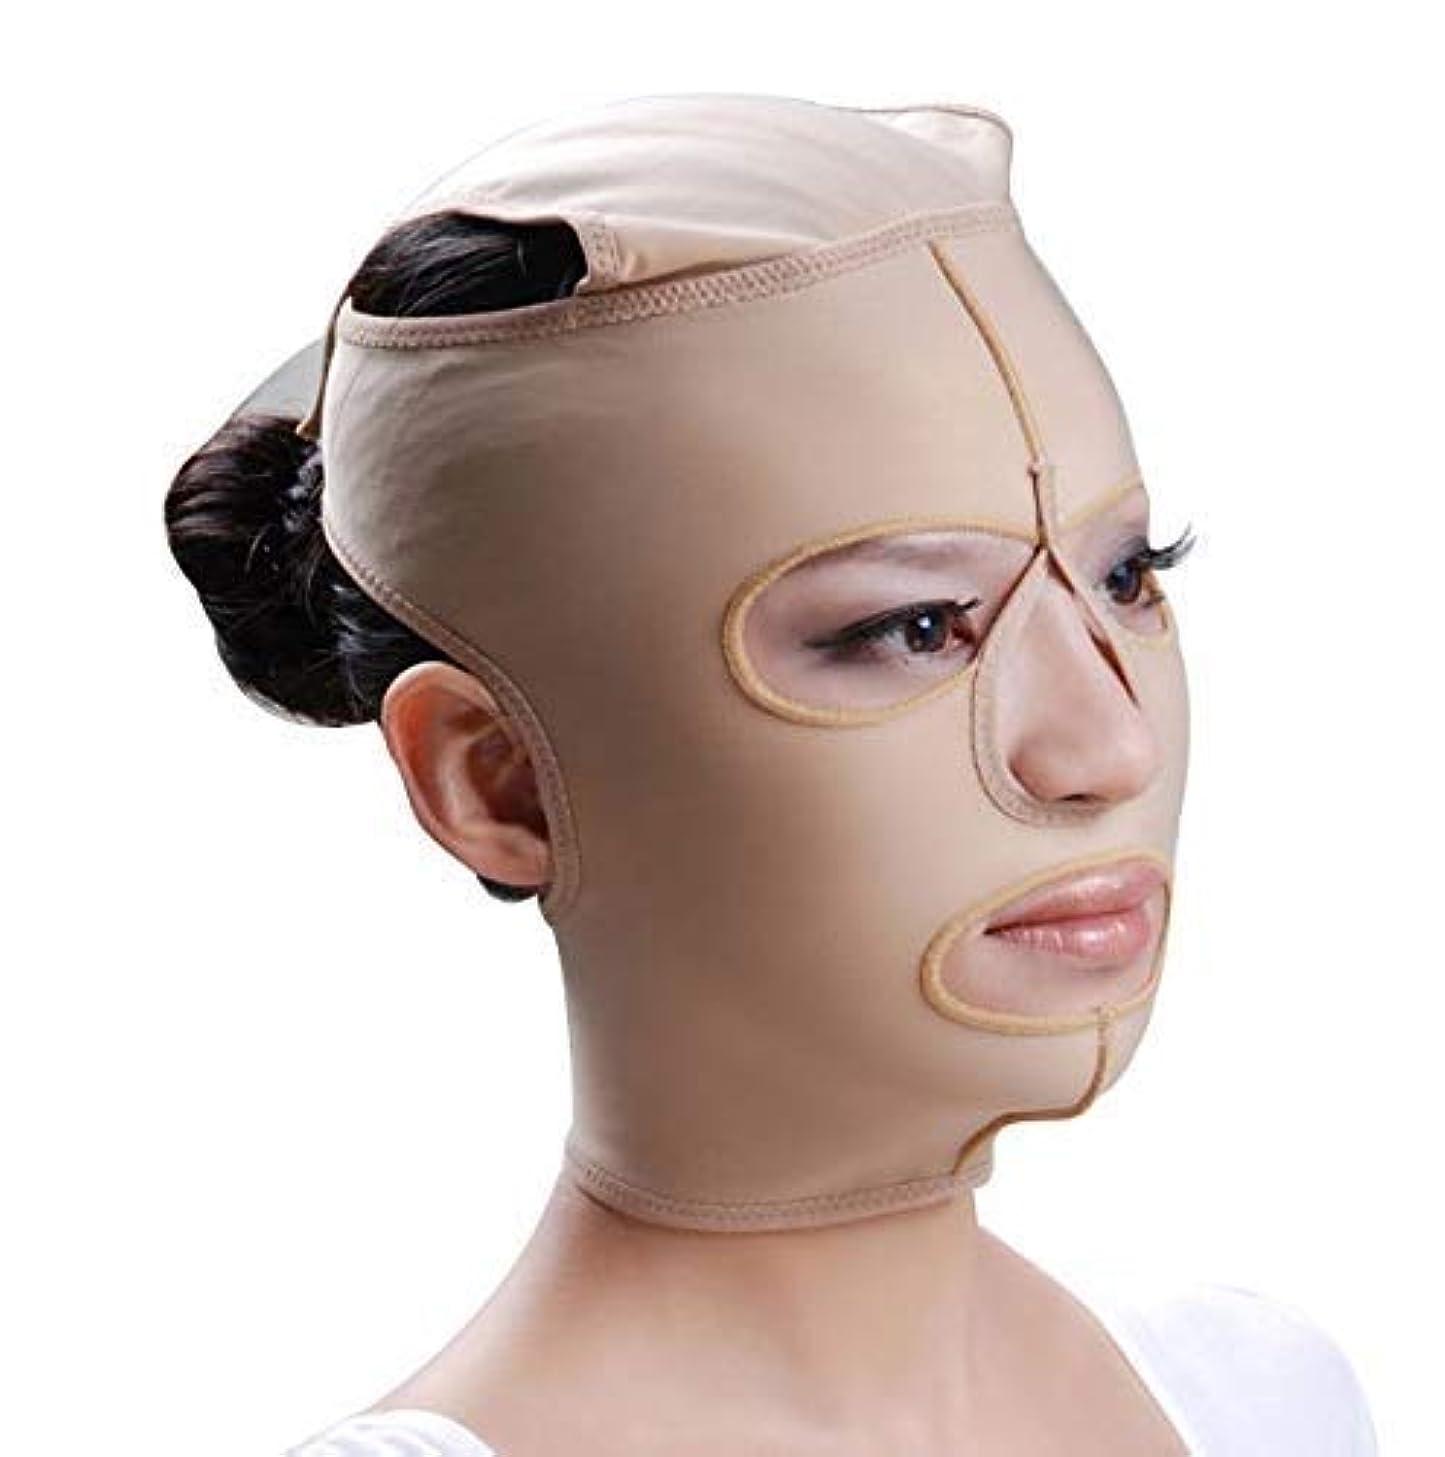 夜明けいちゃつくサーバントファーミングフェイスマスク、フェイシャルマスク弾性フェイスリフティングリフティングファーミングパターンマイクロフィニッシングポストモデリングコンプレッションフェイスマスク(サイズ:S)